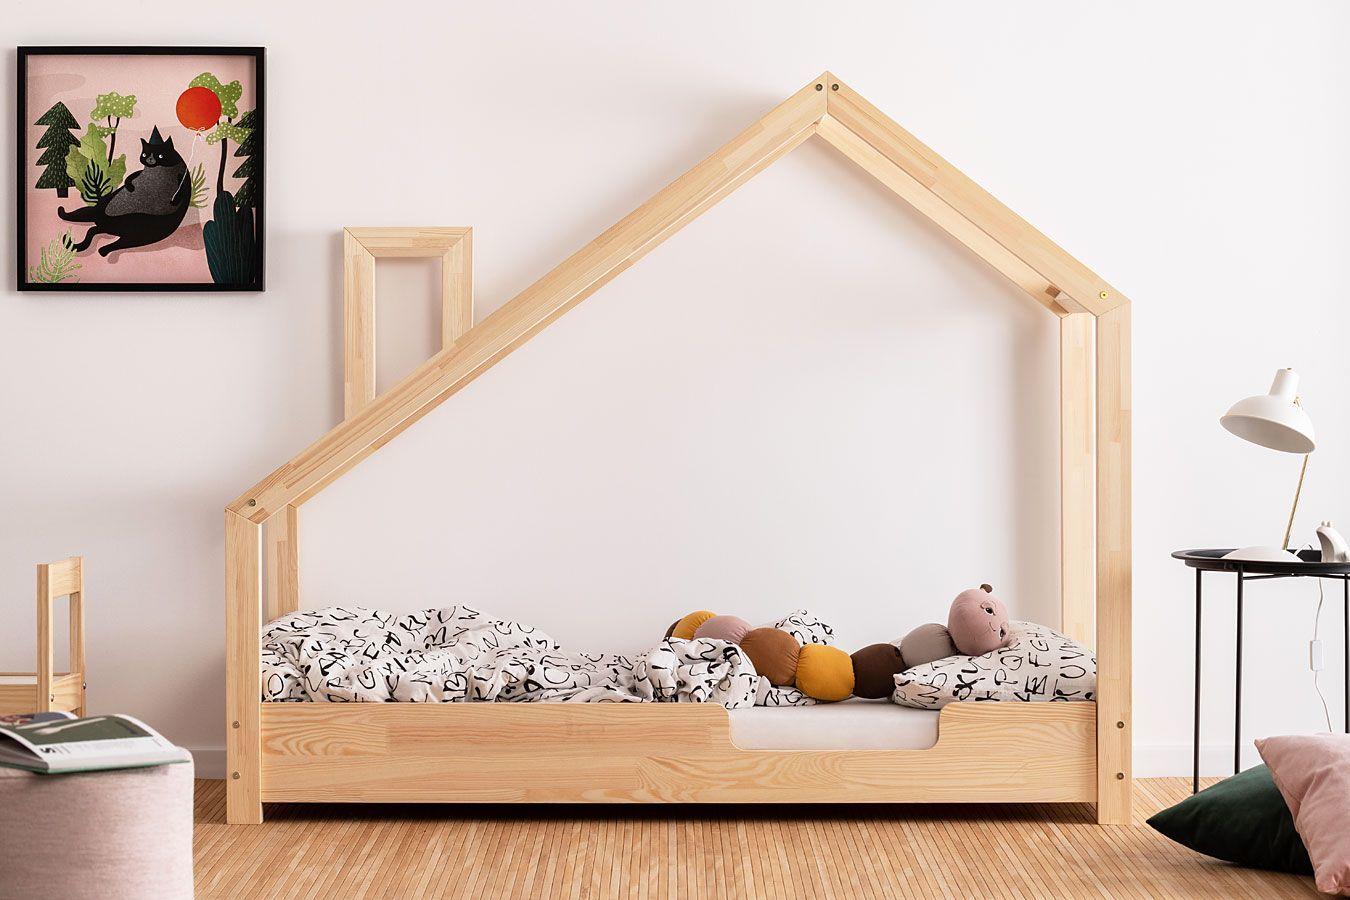 Drewniane łóżko dziecięce domek Lumo 4X - 28 rozmiarów